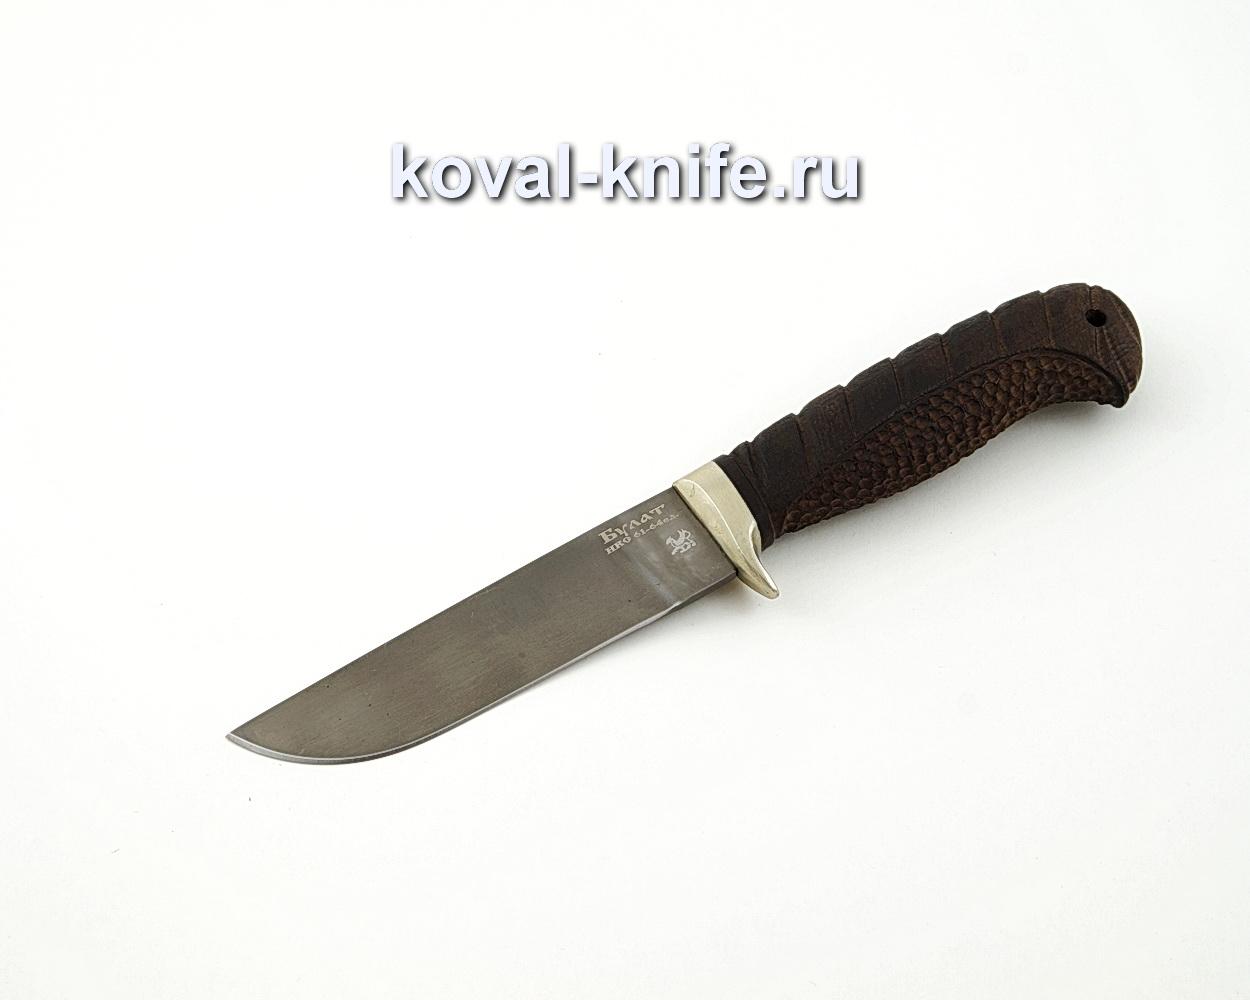 Нож Белка из булатной стали с резной рукоятью из граба и литьем из мельхиора A577